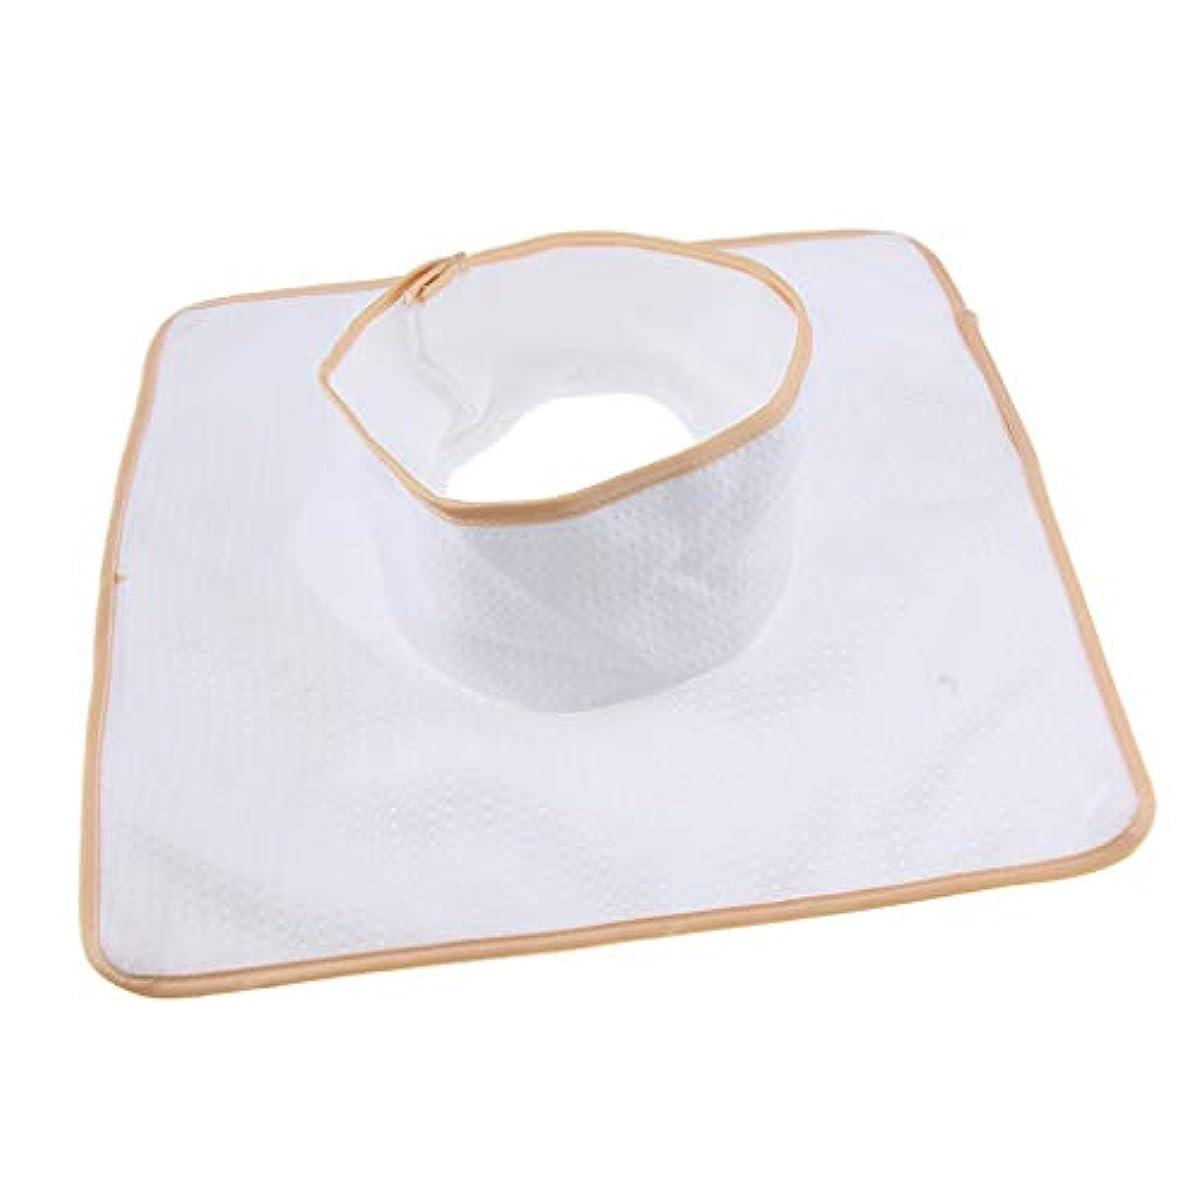 悲鳴フィットネスゲートウェイマッサージ ベッド テーブル ヘッドパッド 頭の穴付 再使用可能 約35×35cm 全3色 - 白